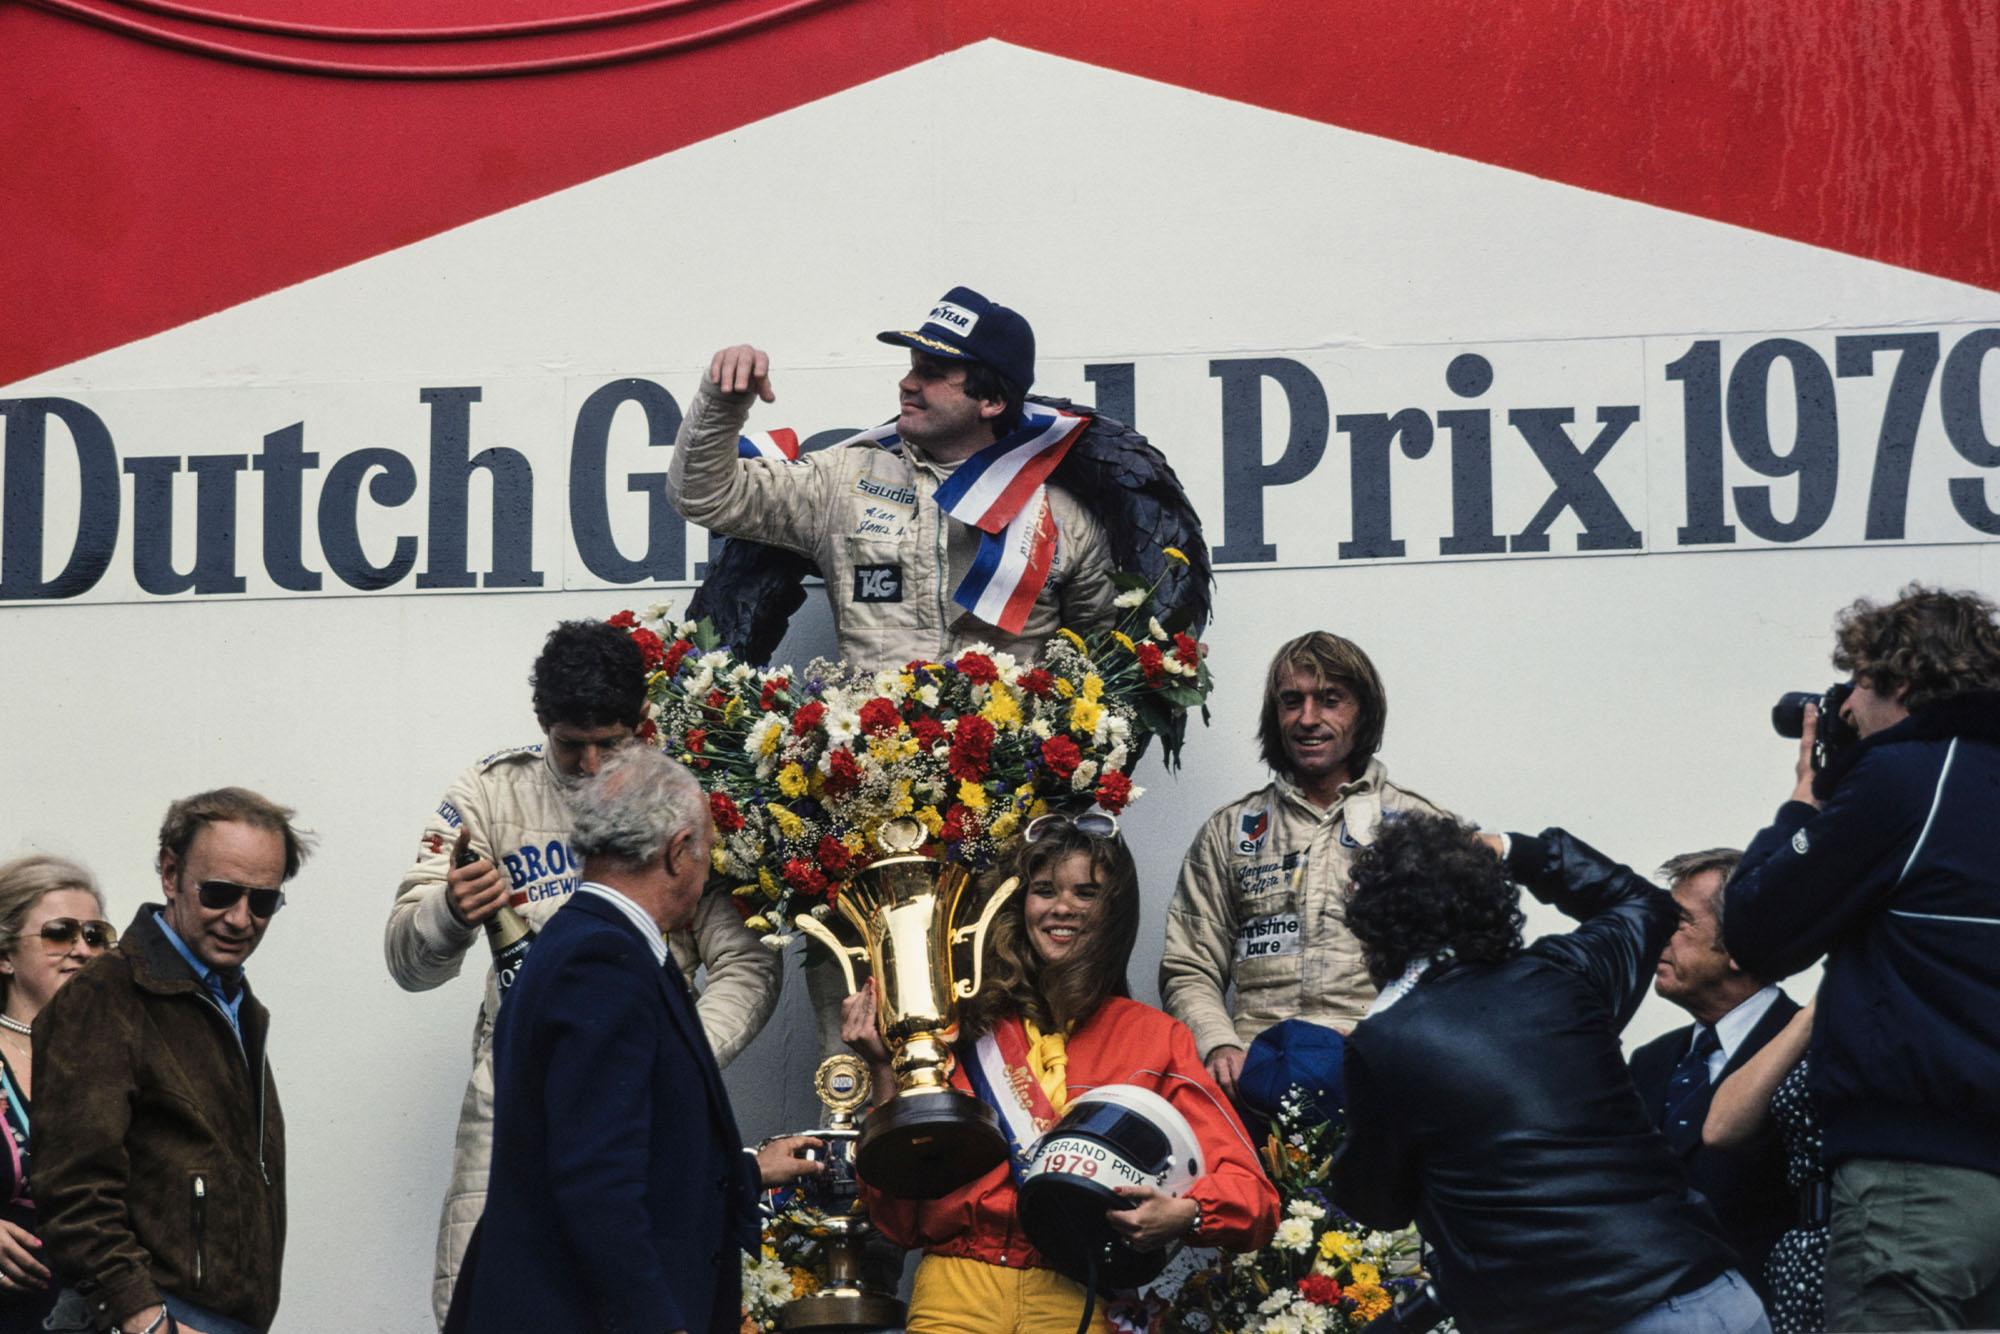 1979 Dutch GP podium